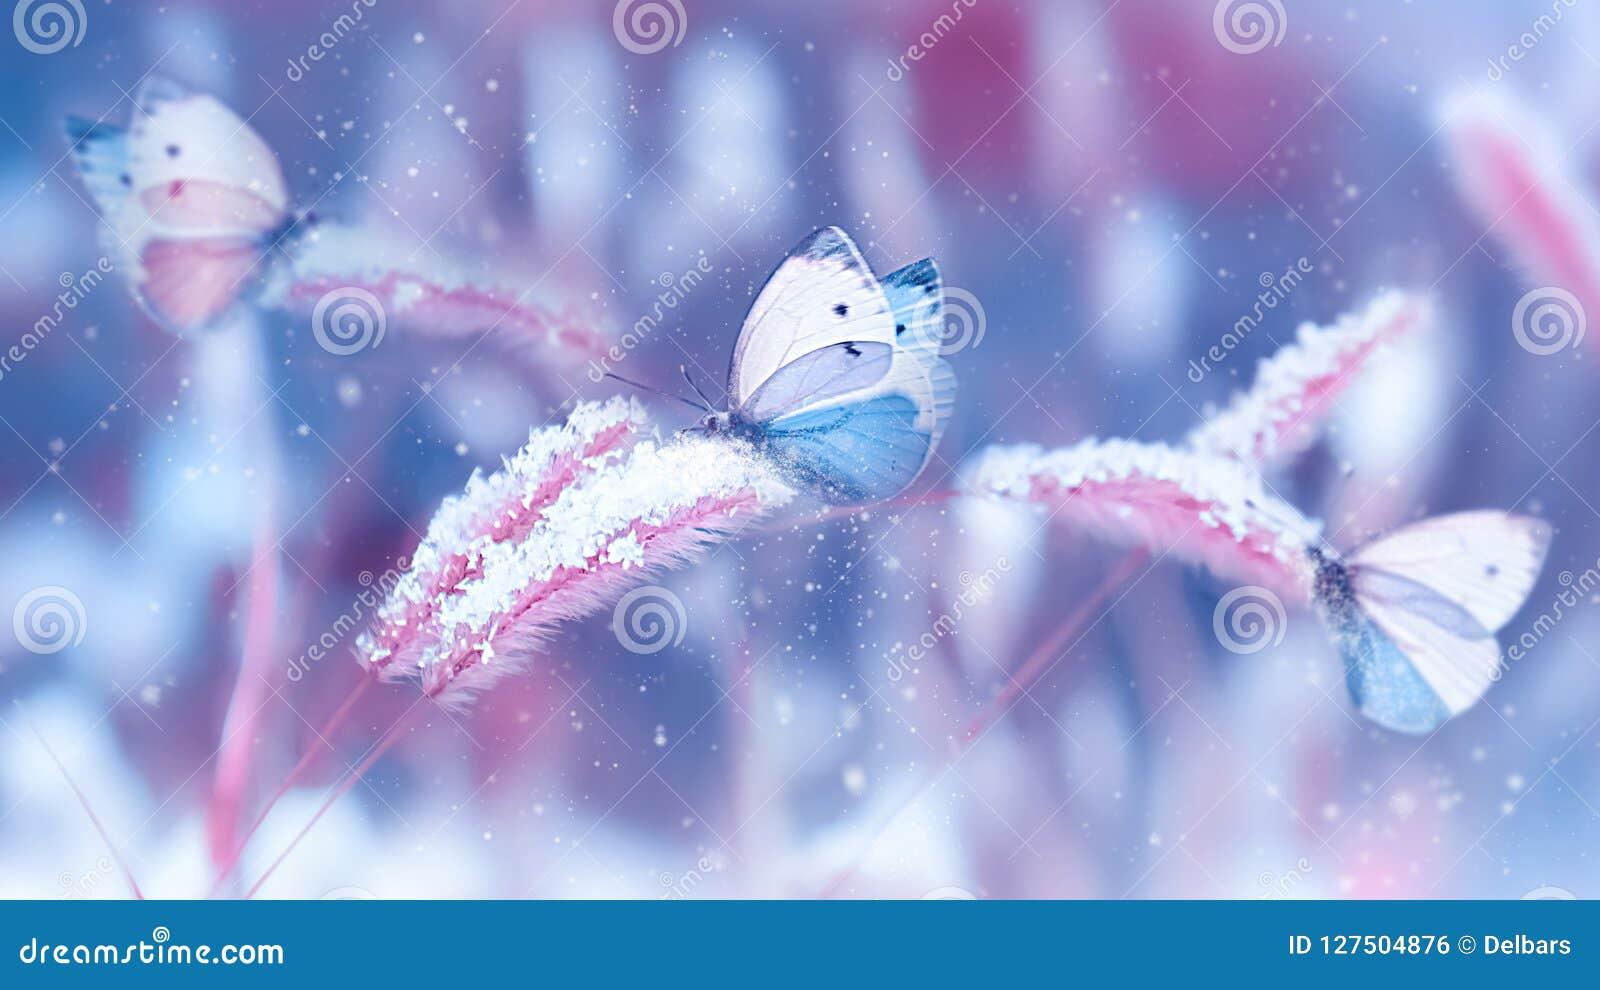 Mooie vlinders in de sneeuw op het wilde gras op een blauwe en roze achtergrond Kerstmis natuurlijke imag van de sneeuwval Artist